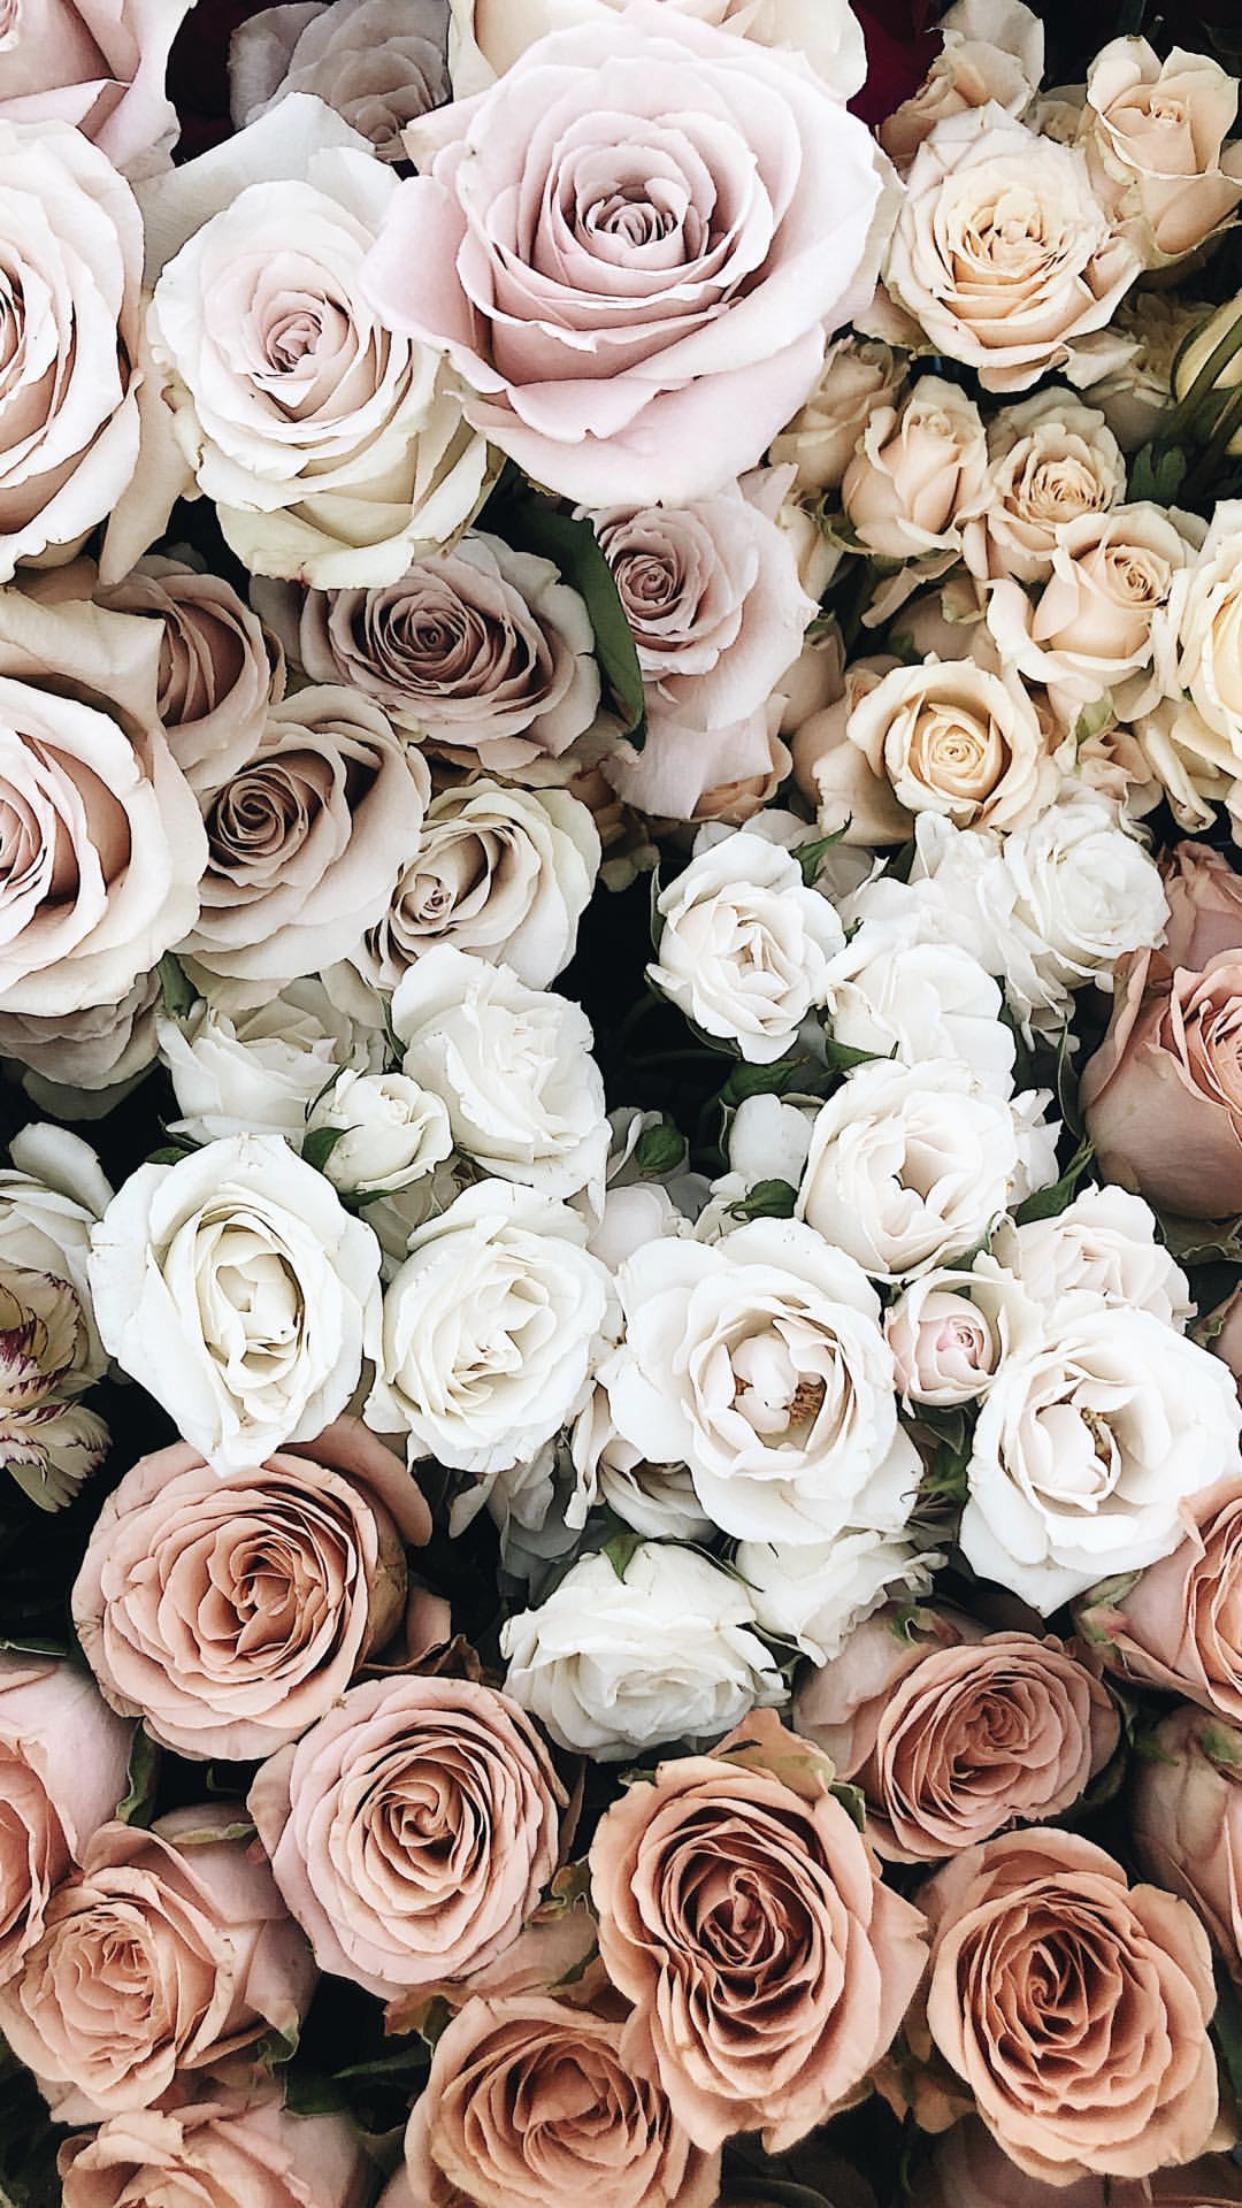 Wohnzimmer Schlafzimmer Dekoration Wohnung Einrichten Hausdekor Wohnideen Hausdeko White Roses Wallpaper Floral Wallpaper Iphone Flower Phone Wallpaper